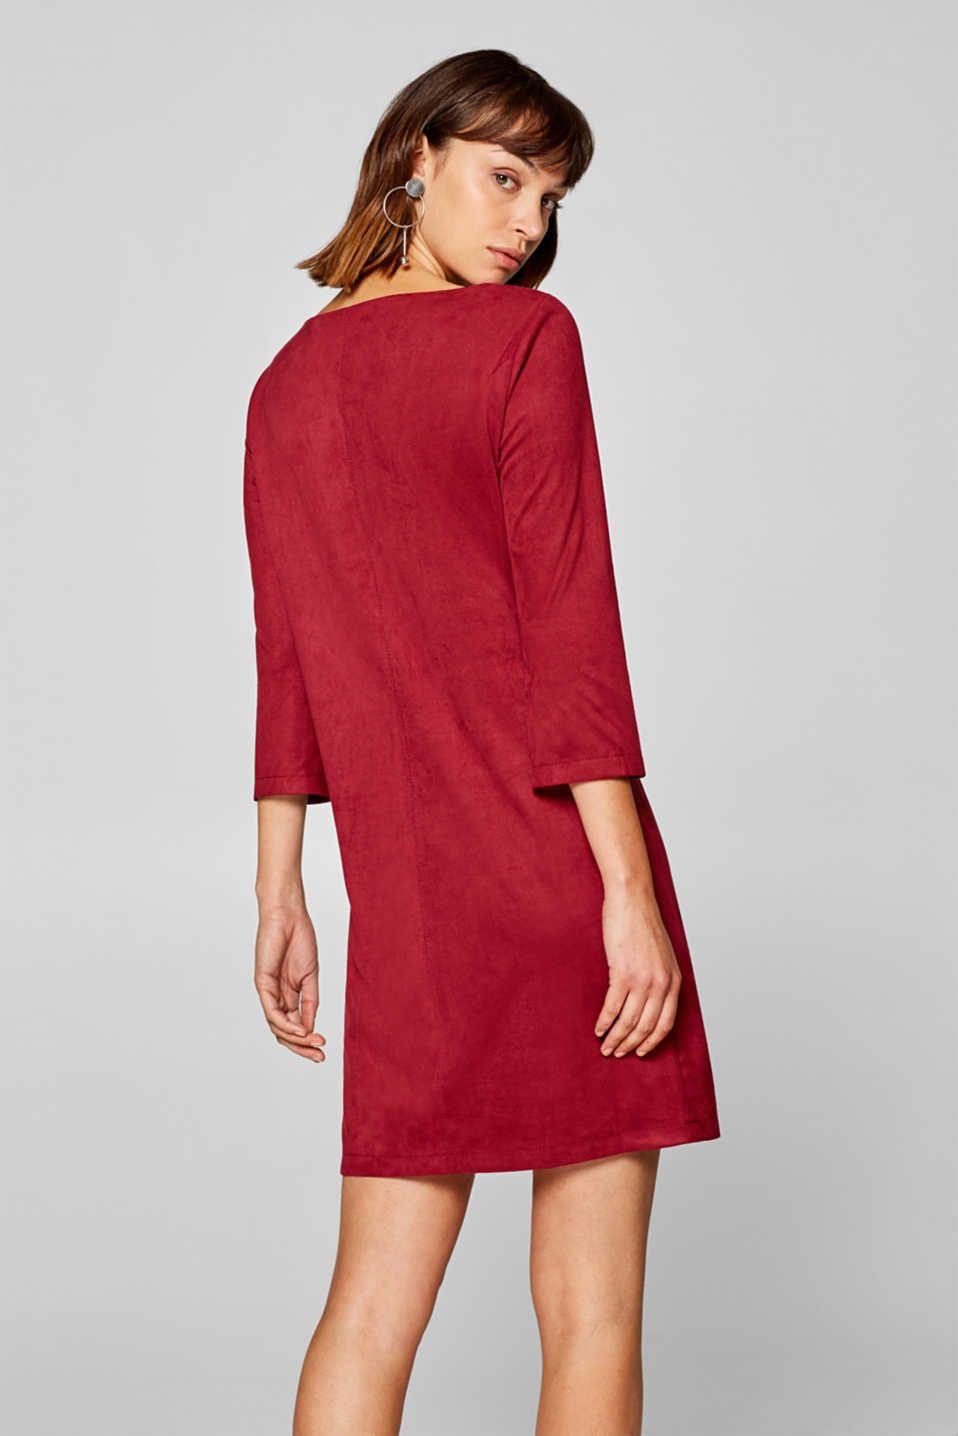 Esprit - Kleid in Veloursleder-Optik im Online Shop kaufen ...